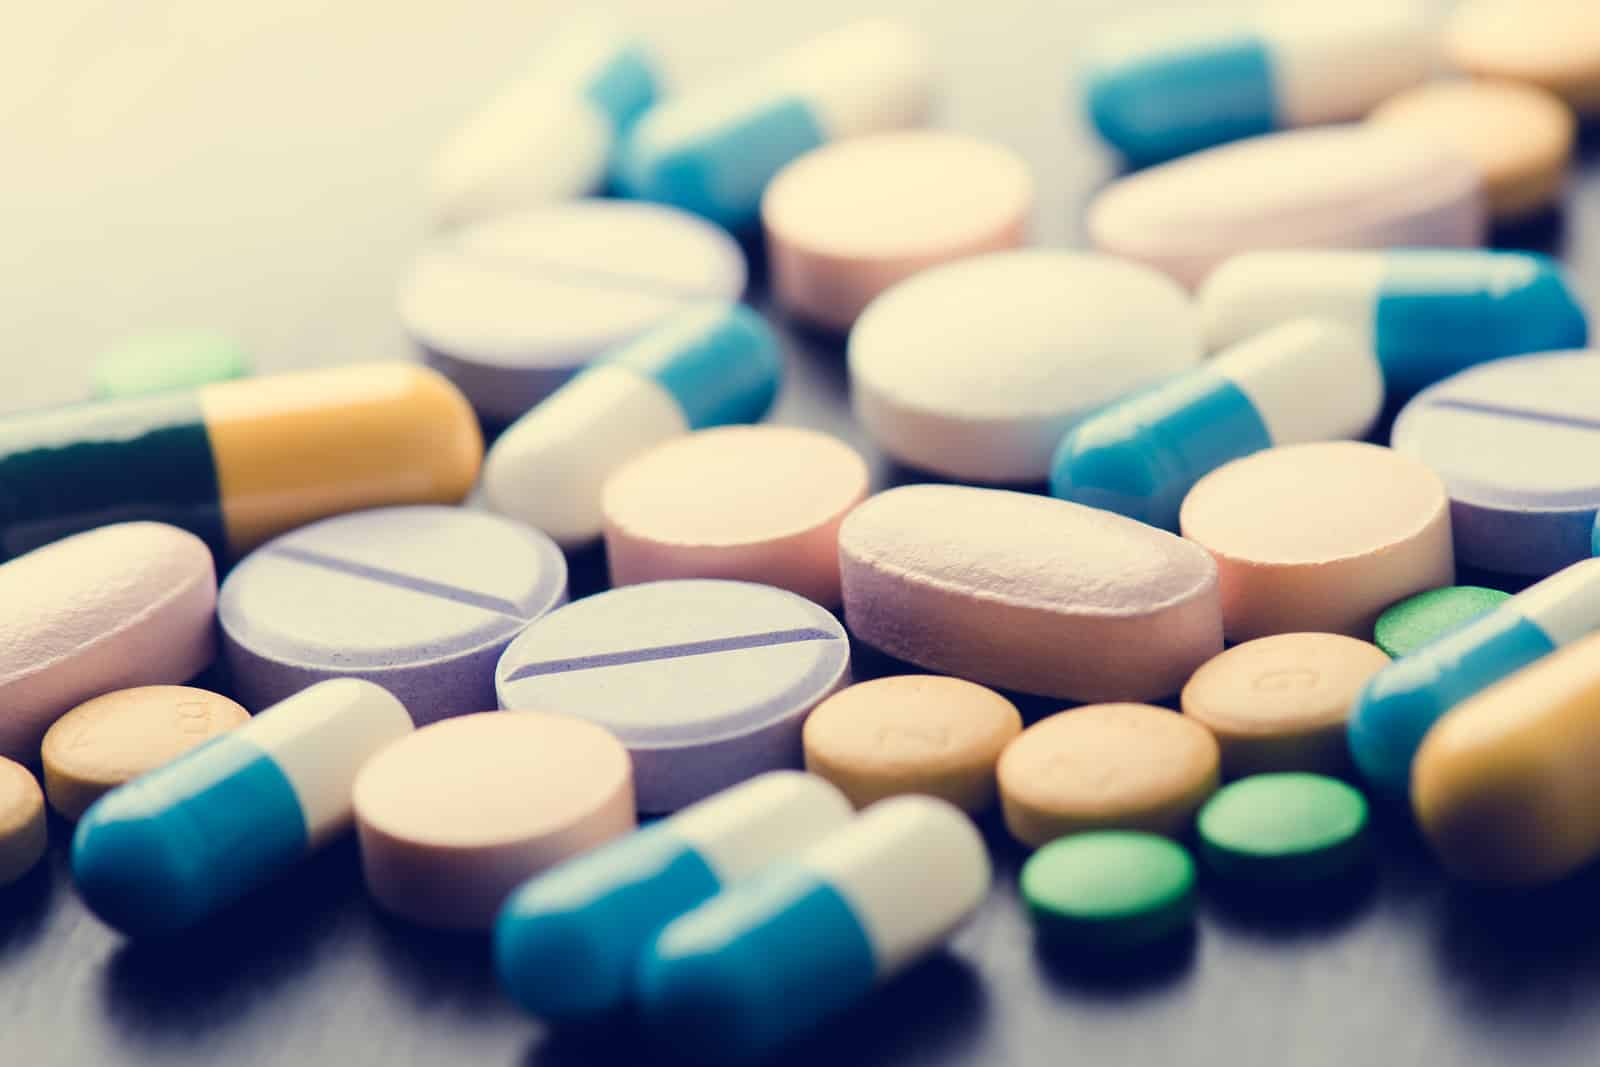 أسماء أدوية مرخية للعضلات